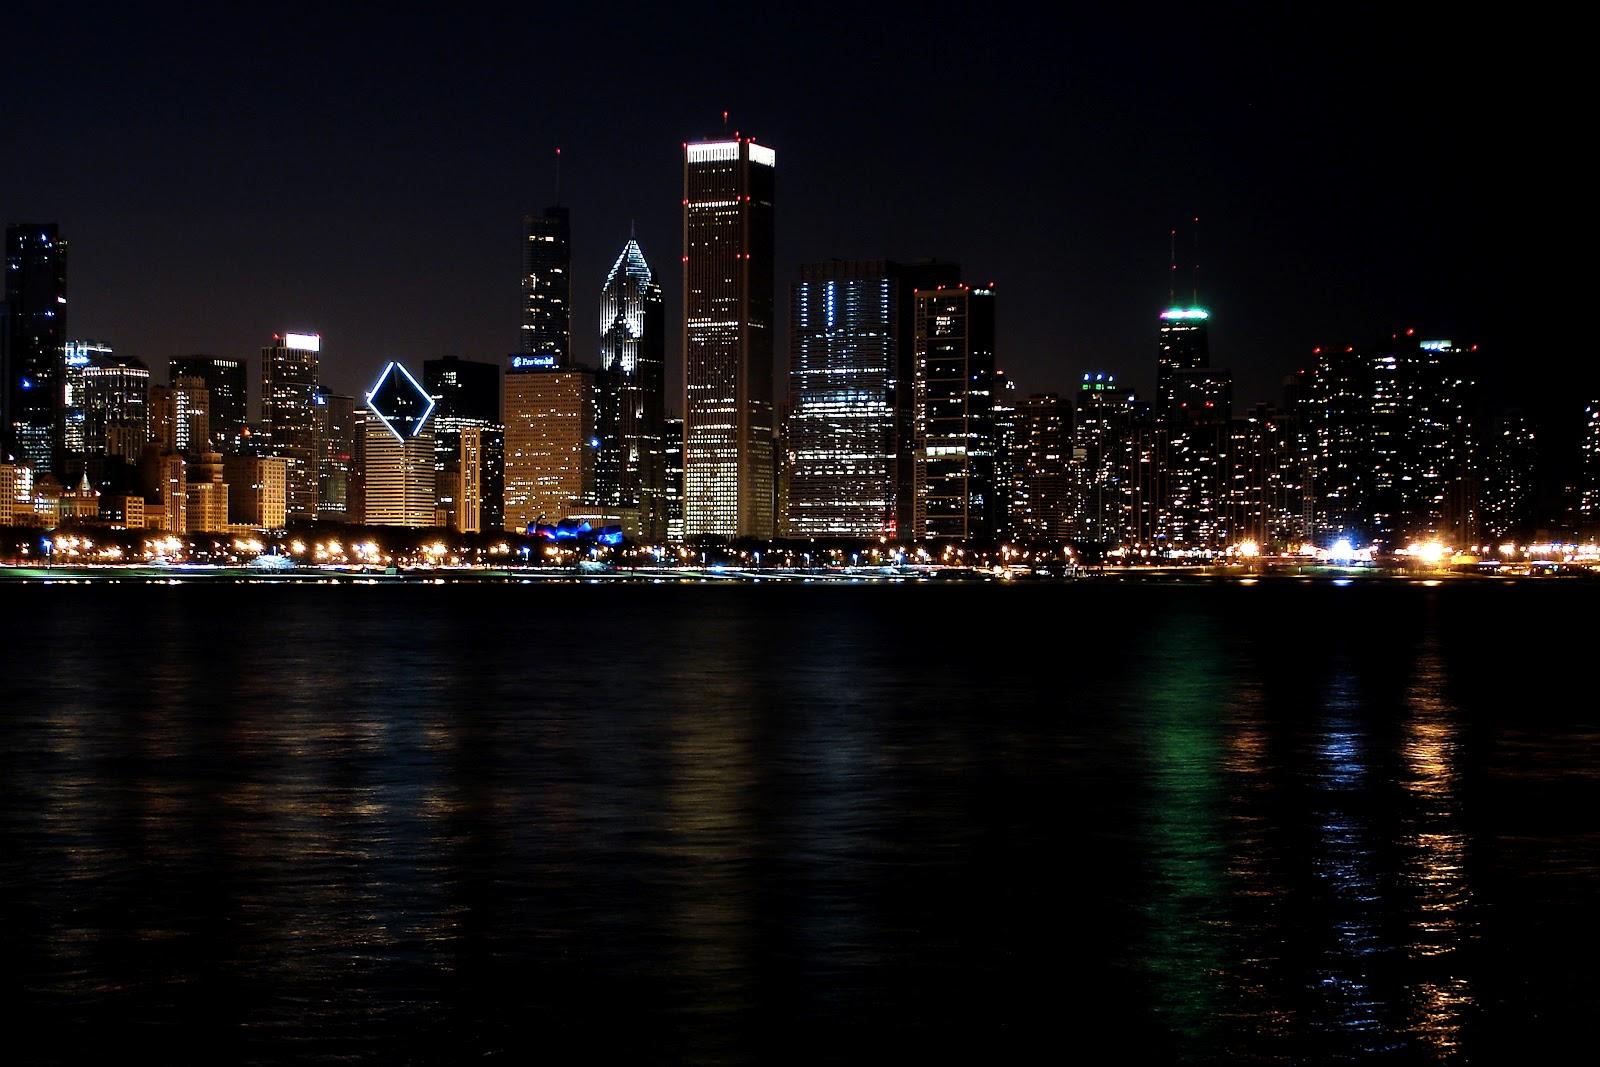 http://2.bp.blogspot.com/-QMl6lb7dD0M/T1w1P7c_pZI/AAAAAAAAEpo/7IyY0h2AfL4/s1600/Chicago+Skyline+Hd+Wallpaper+(3).jpg